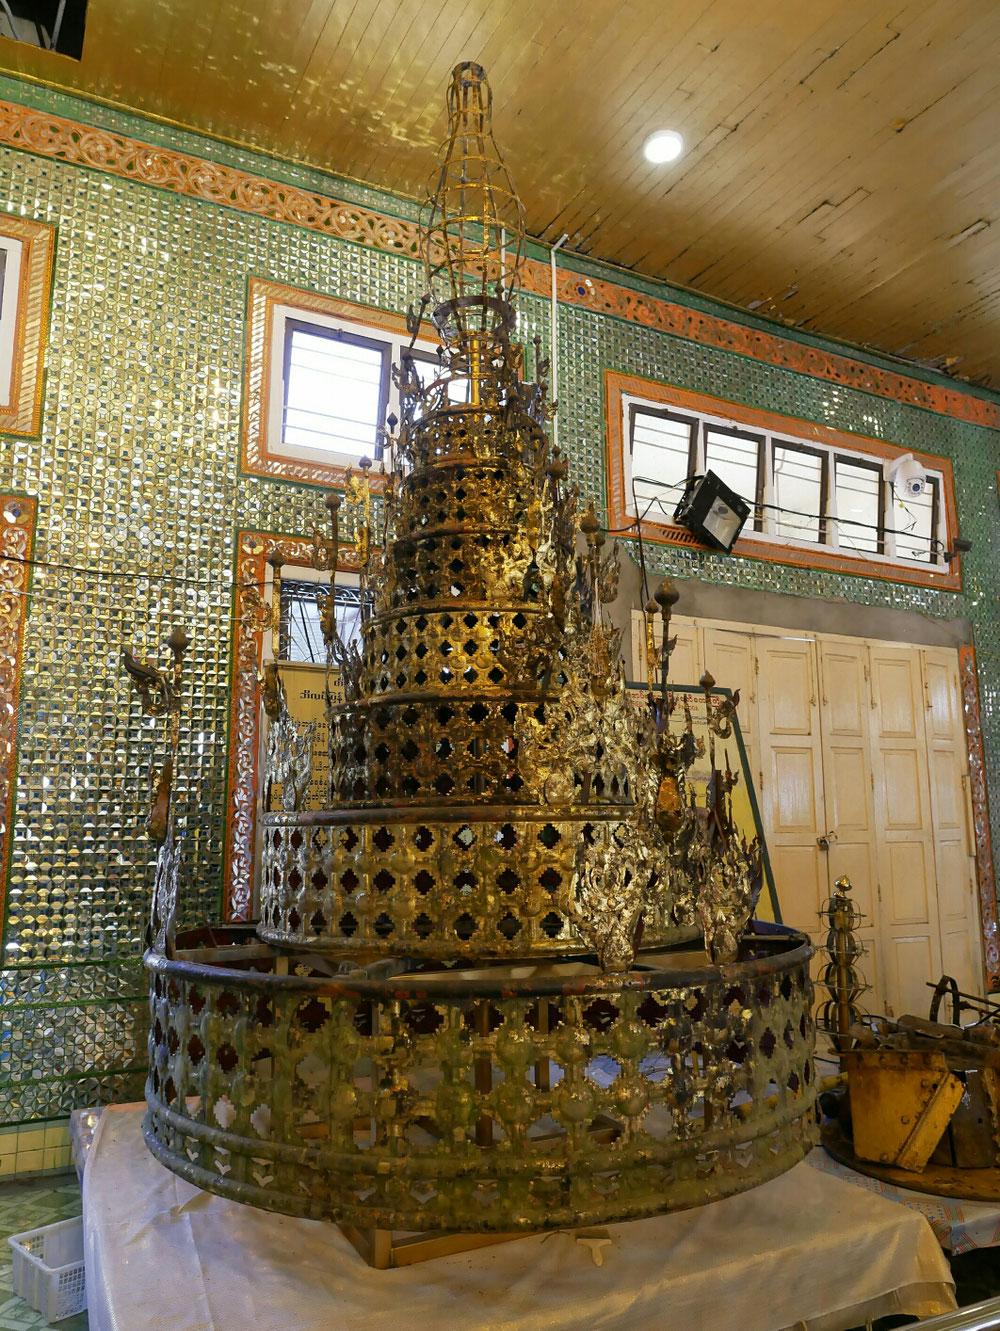 Die Pagode war verhüllt zu Renovierungszwecken. Die Spitze stand in einer Halle daneben und wartete auf Gold